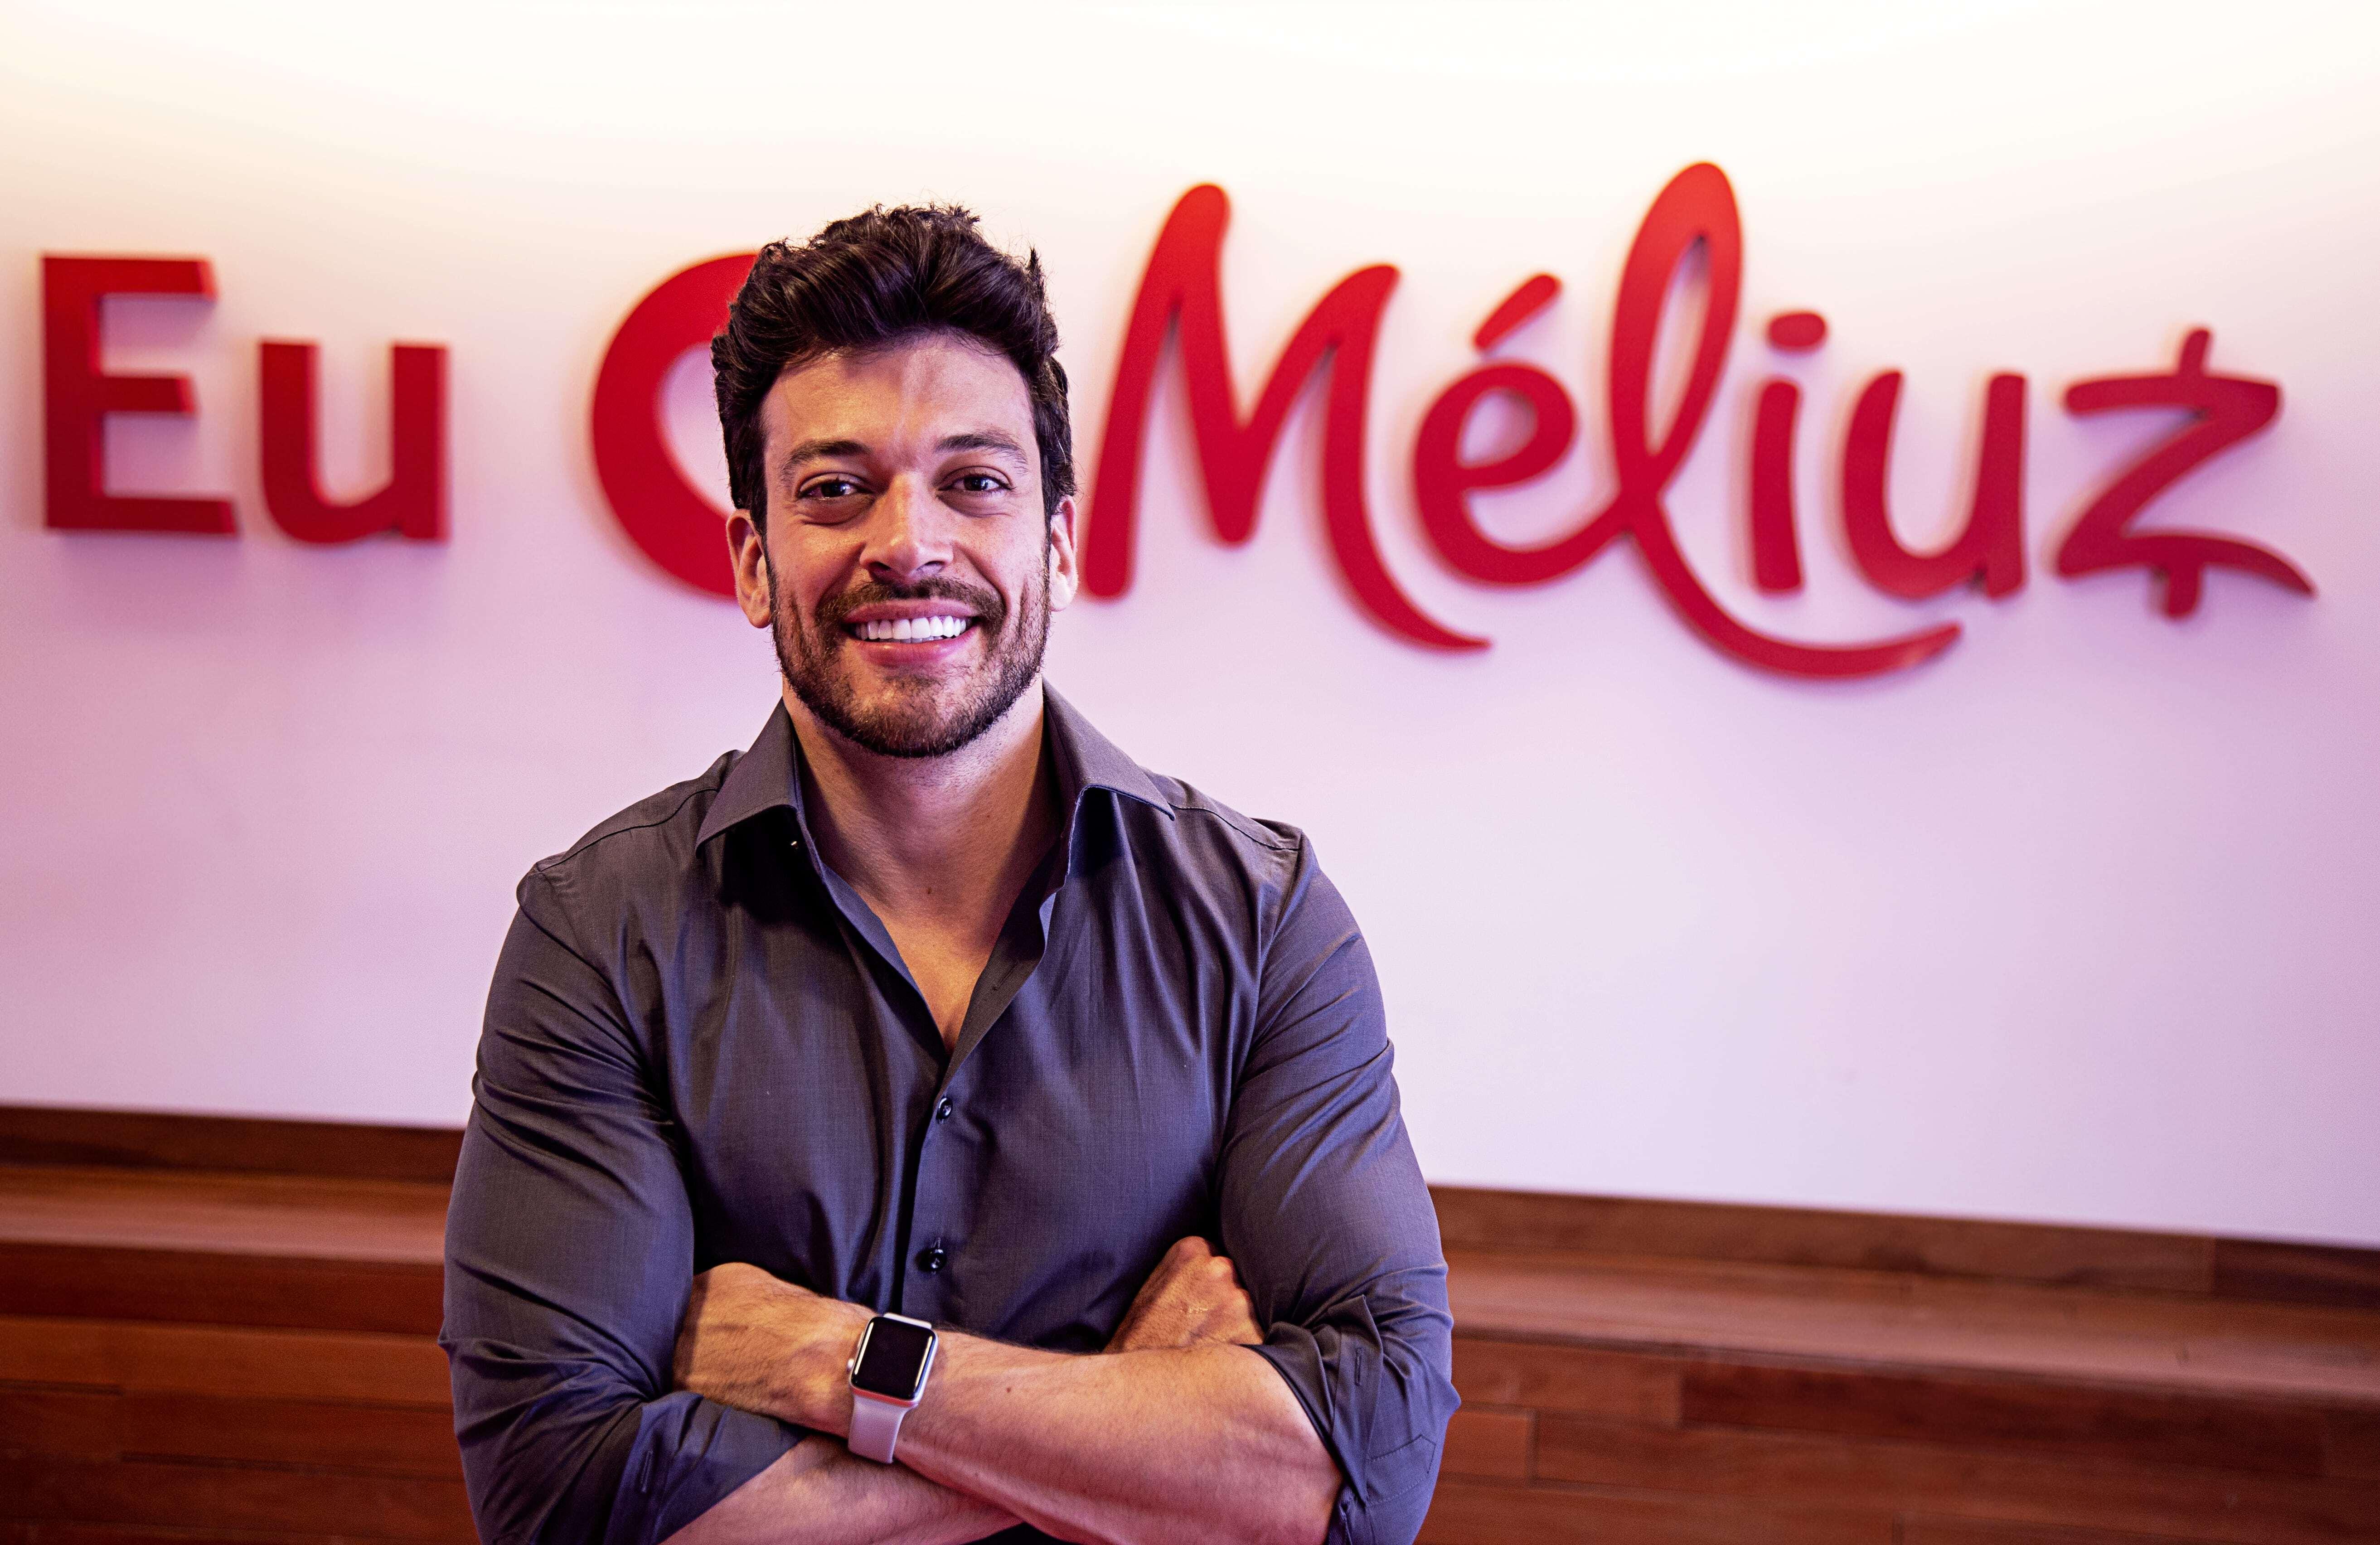 Méliuz: a trajetória dos empreendedores que levaram uma startup à Bolsa